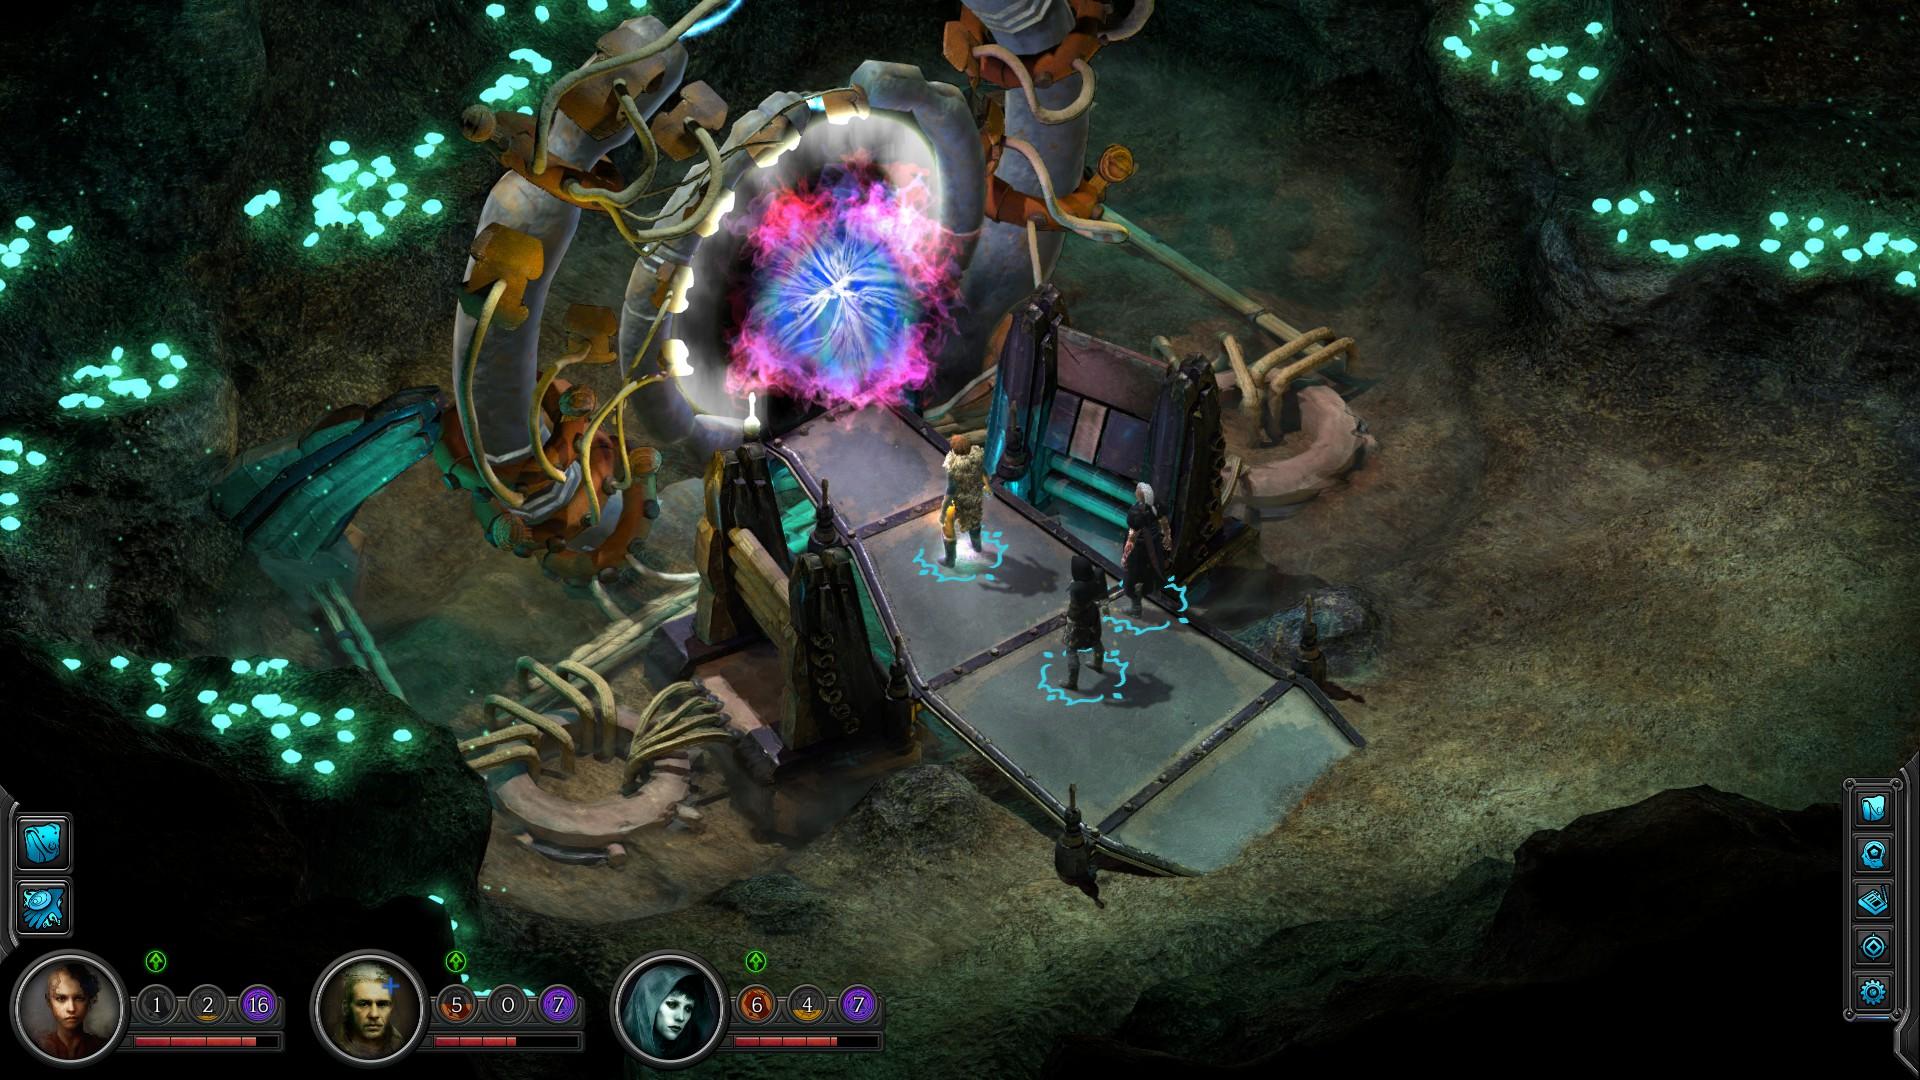 """<!-- AddThis Sharing Buttons above -->Как большинству геймеров интересующихся RPGуже известно, Torment: Tides of Numenera появилась, как проект """"черпающий вдохновение"""" у старой изометрической игры Planescape: Torment. На последнюю романтически вздыхают даже те, кто в неё […]<!-- AddThis Sharing Buttons below -->"""